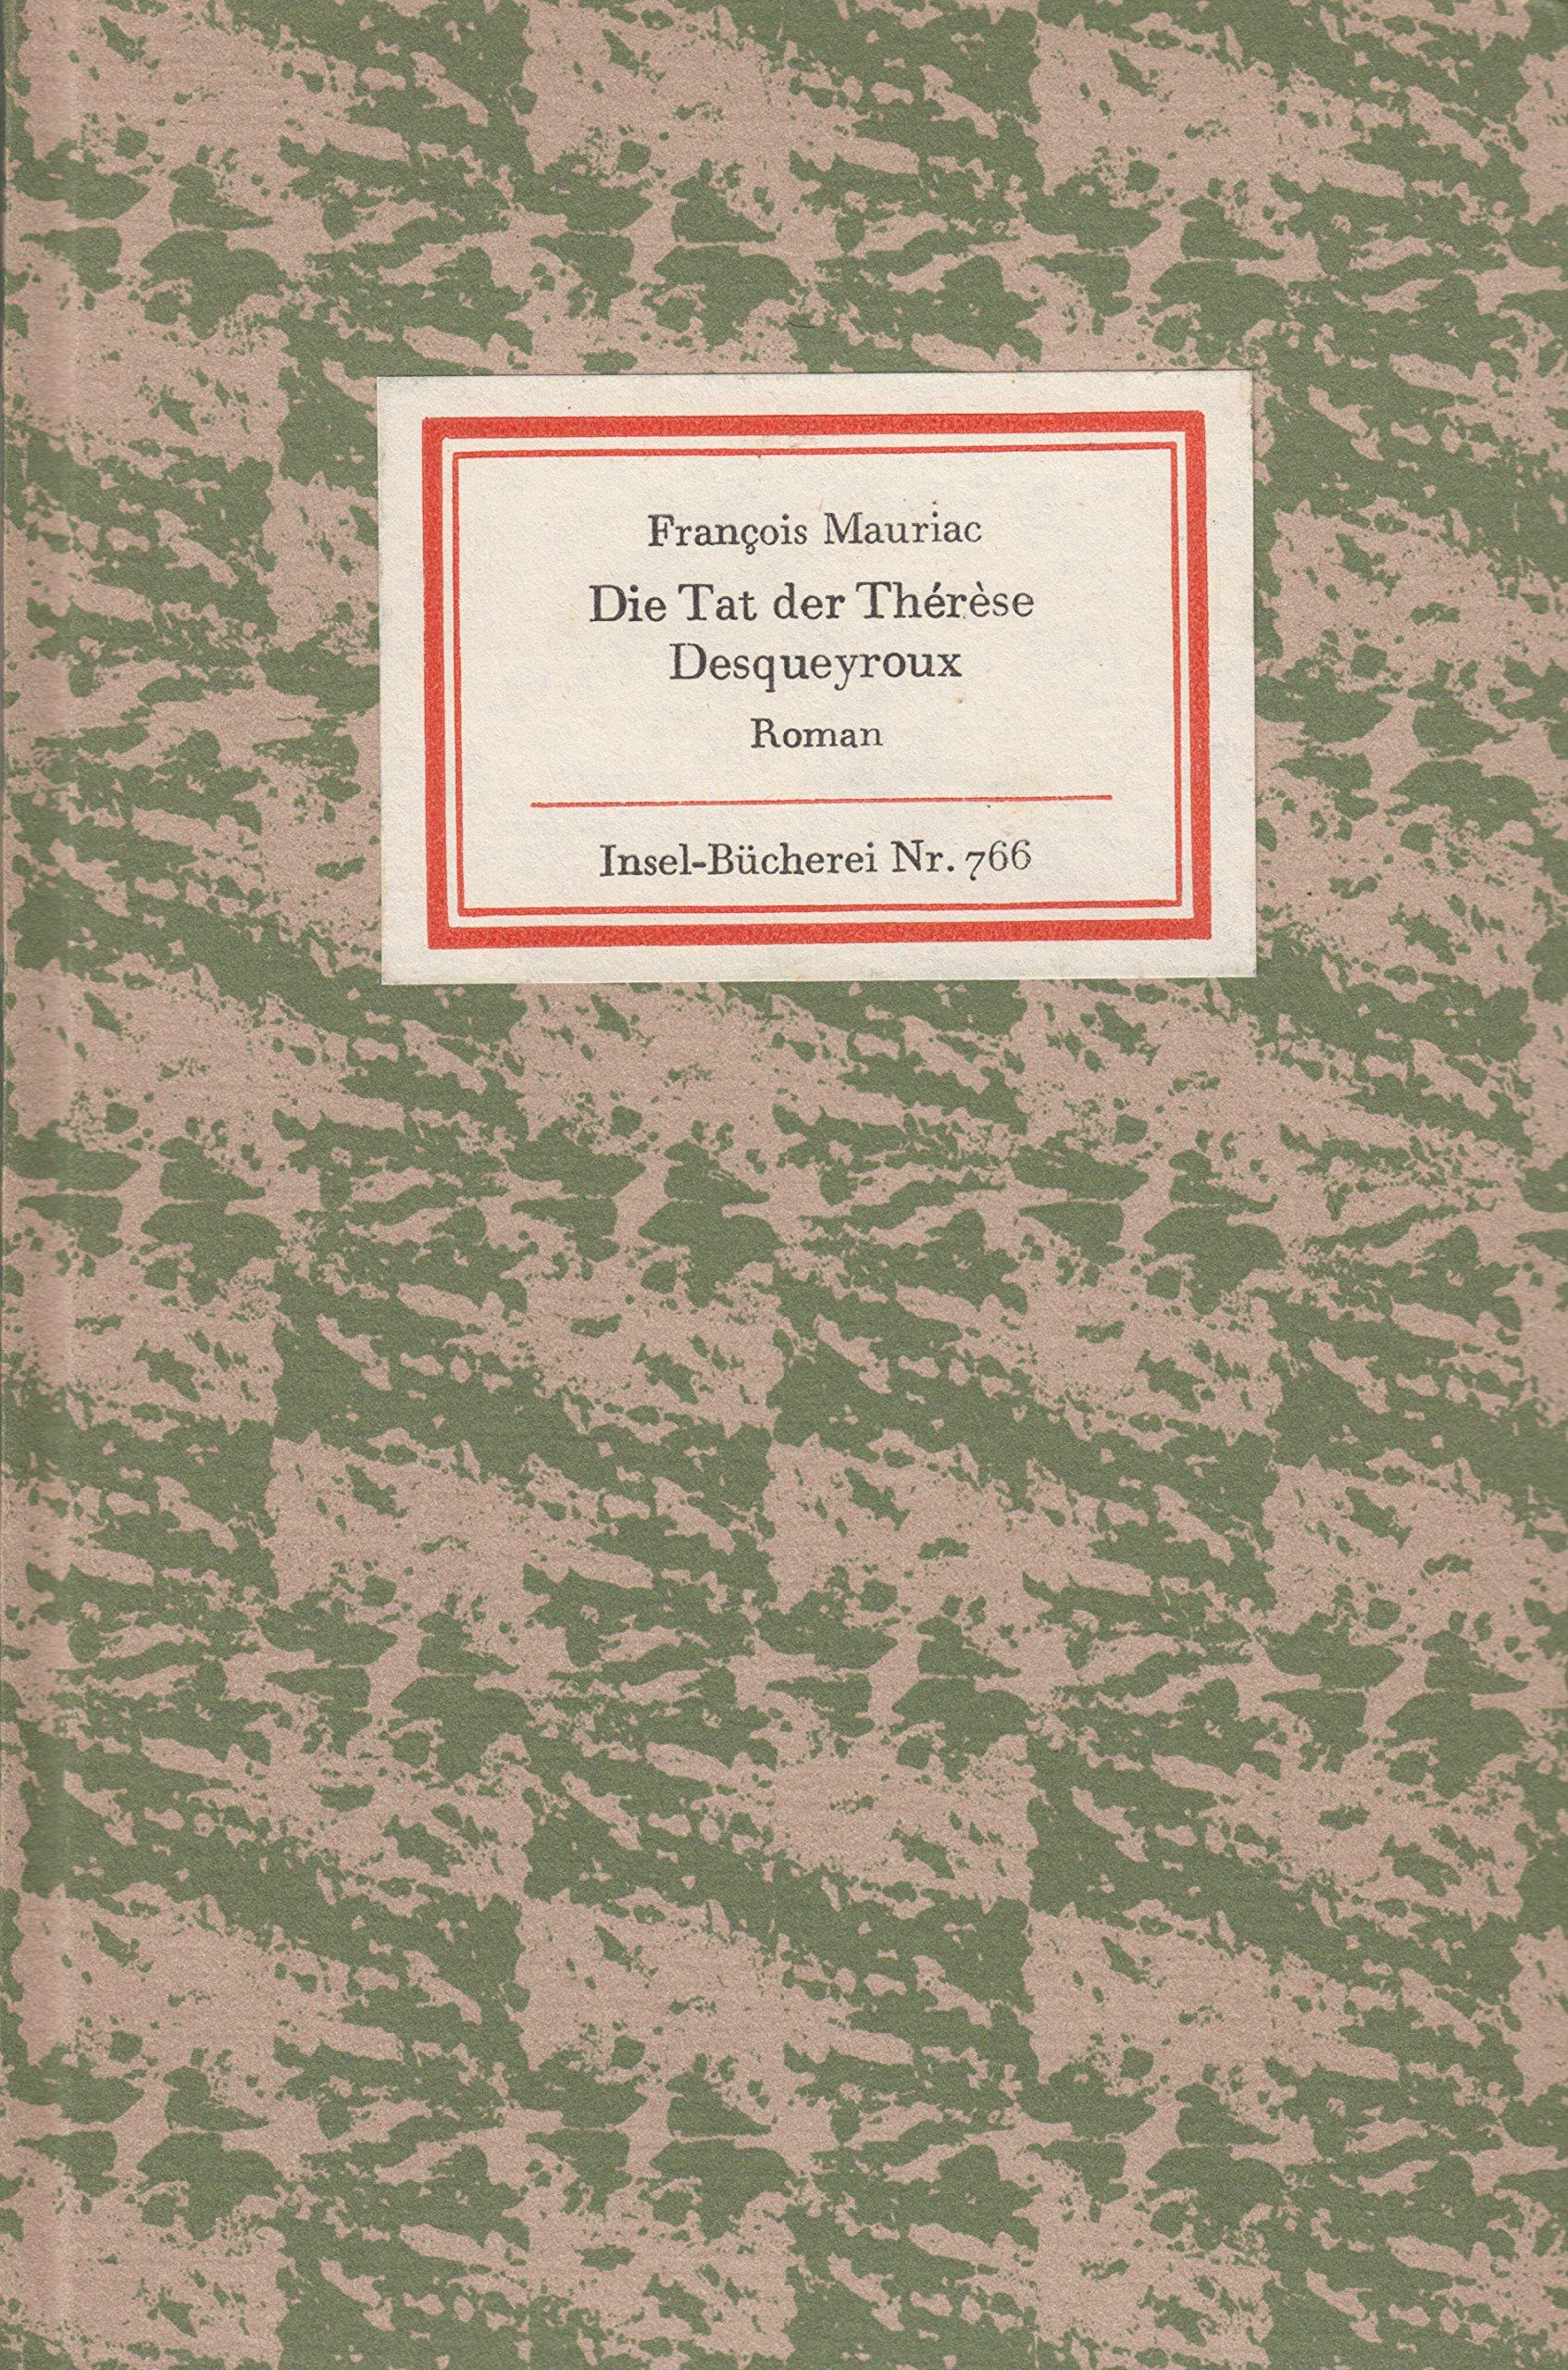 Die Tat der Thérèse Desqueyroux. Roman (Insel-Bücherei Nr. 766)